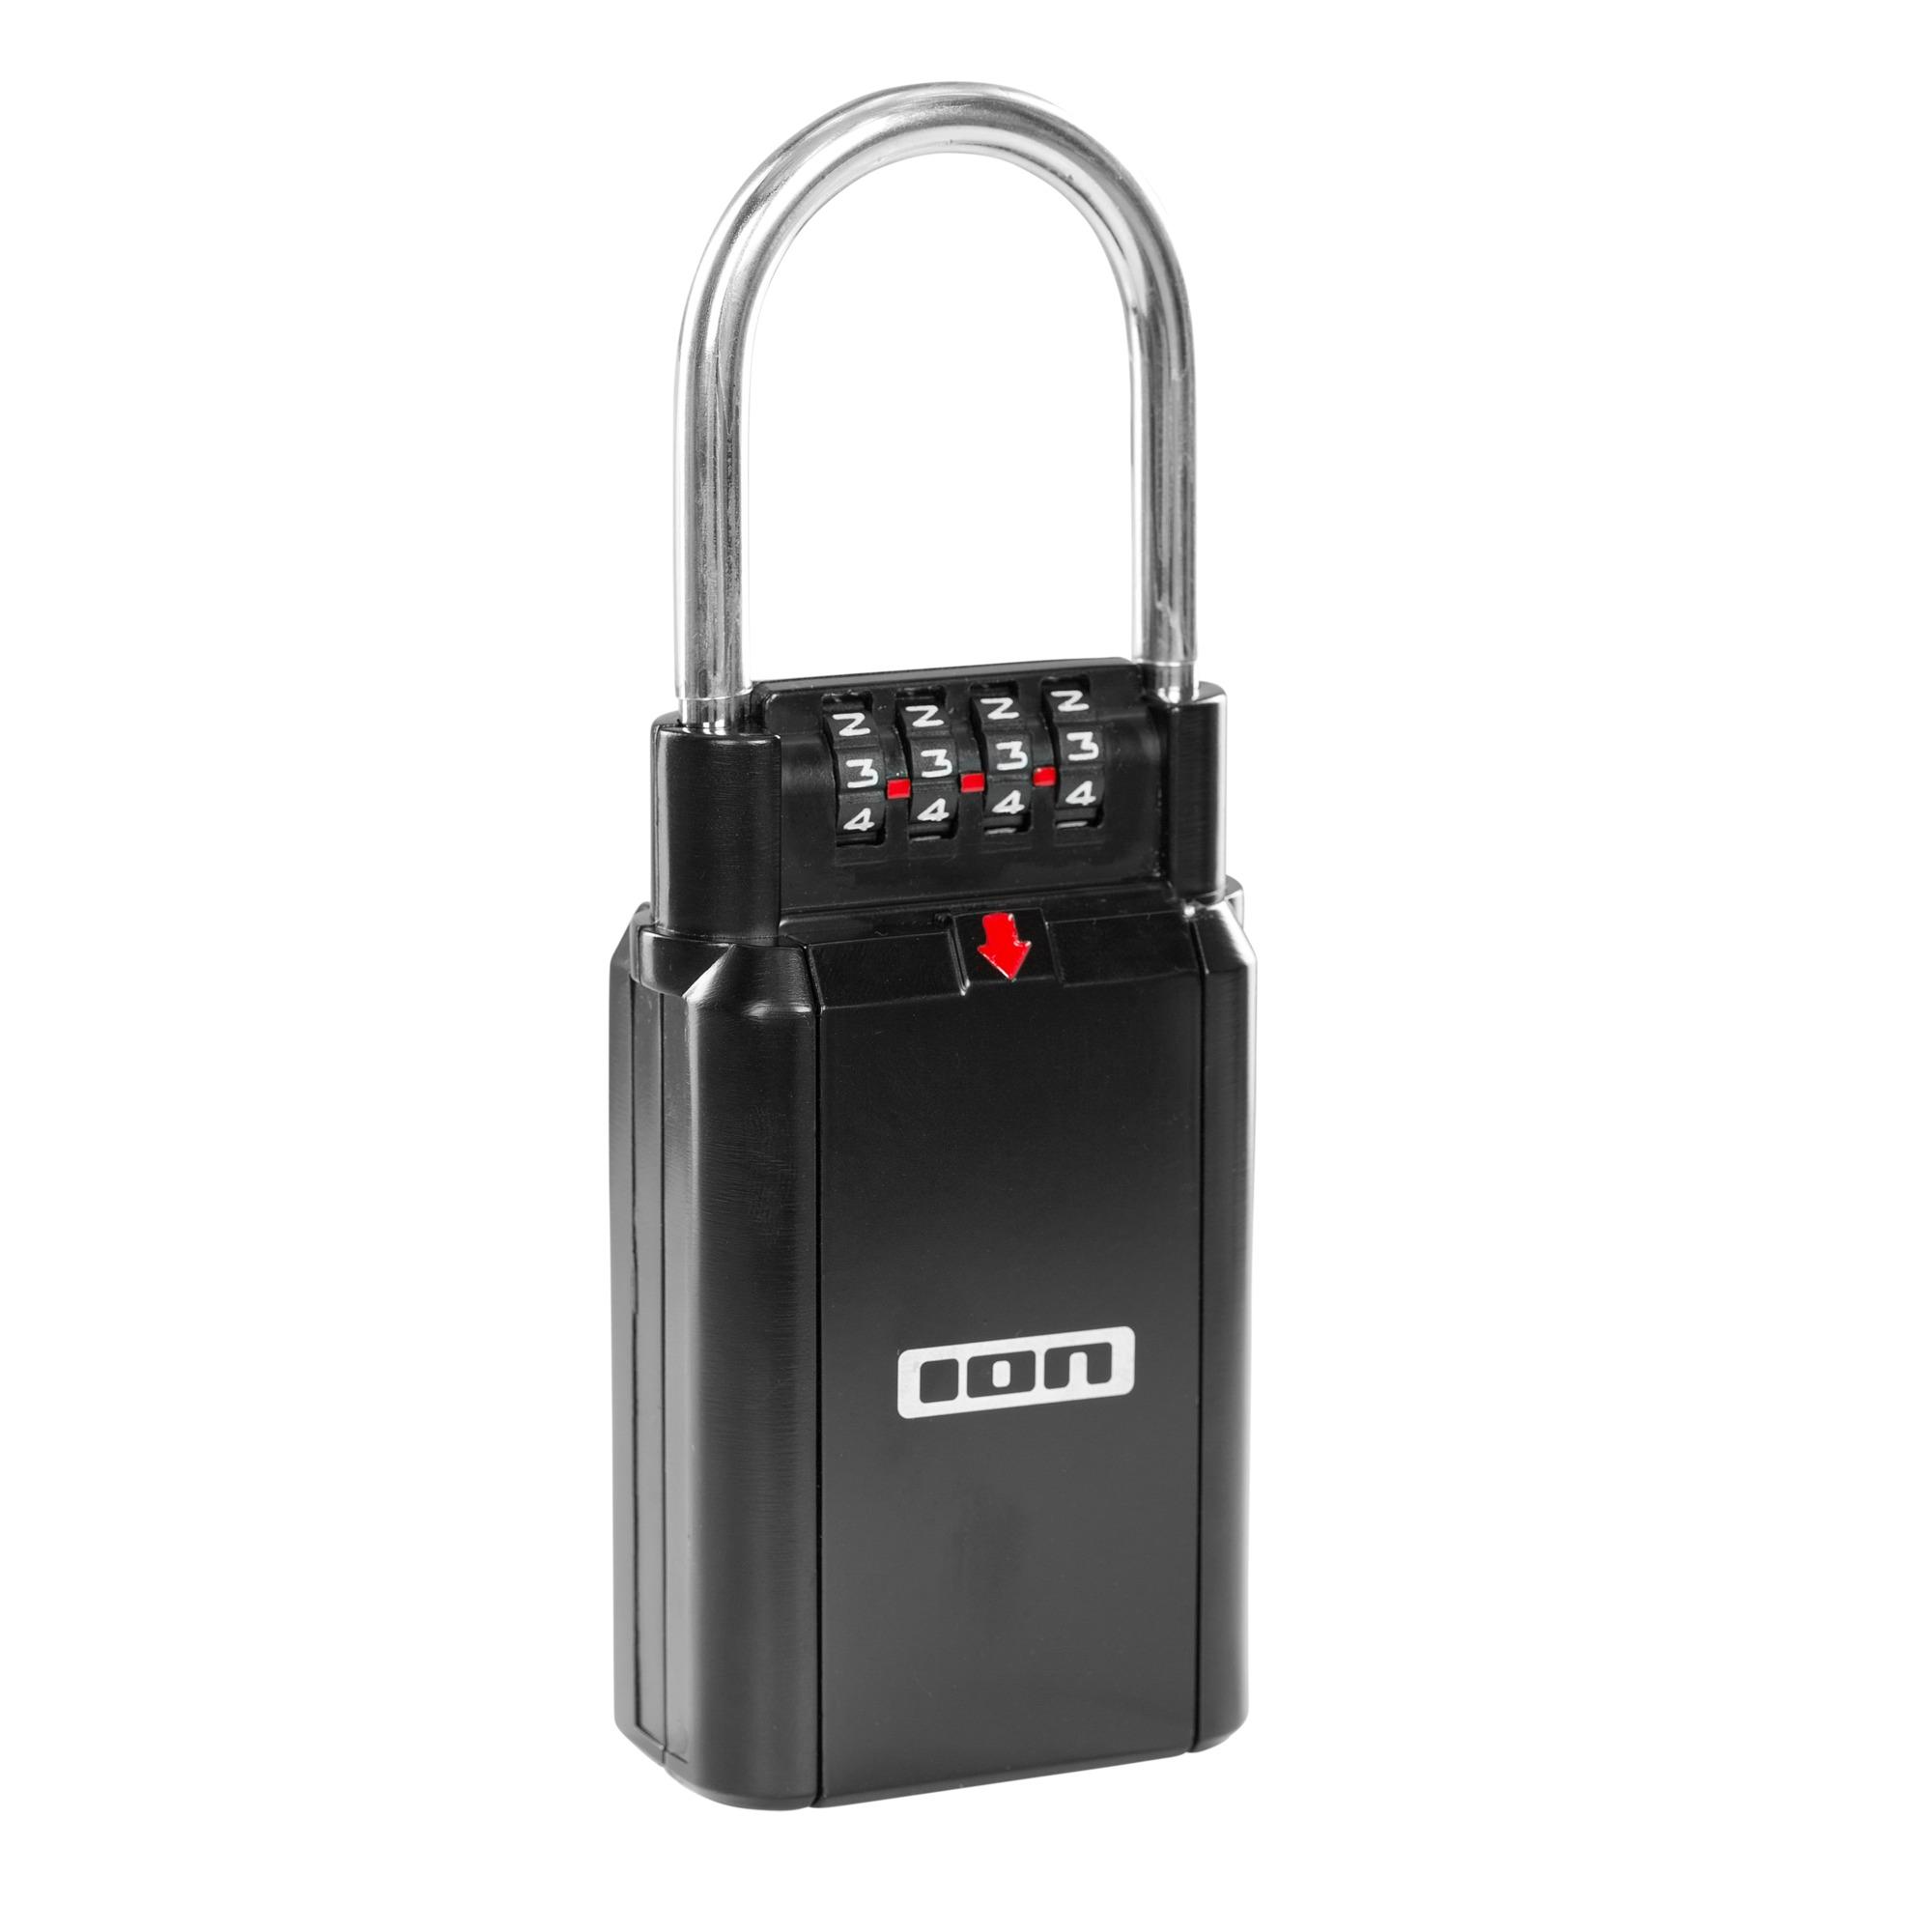 ION Key Lock - Key Safe - Surf Lock / Sicherheitsschlüsselfach - Keysafe